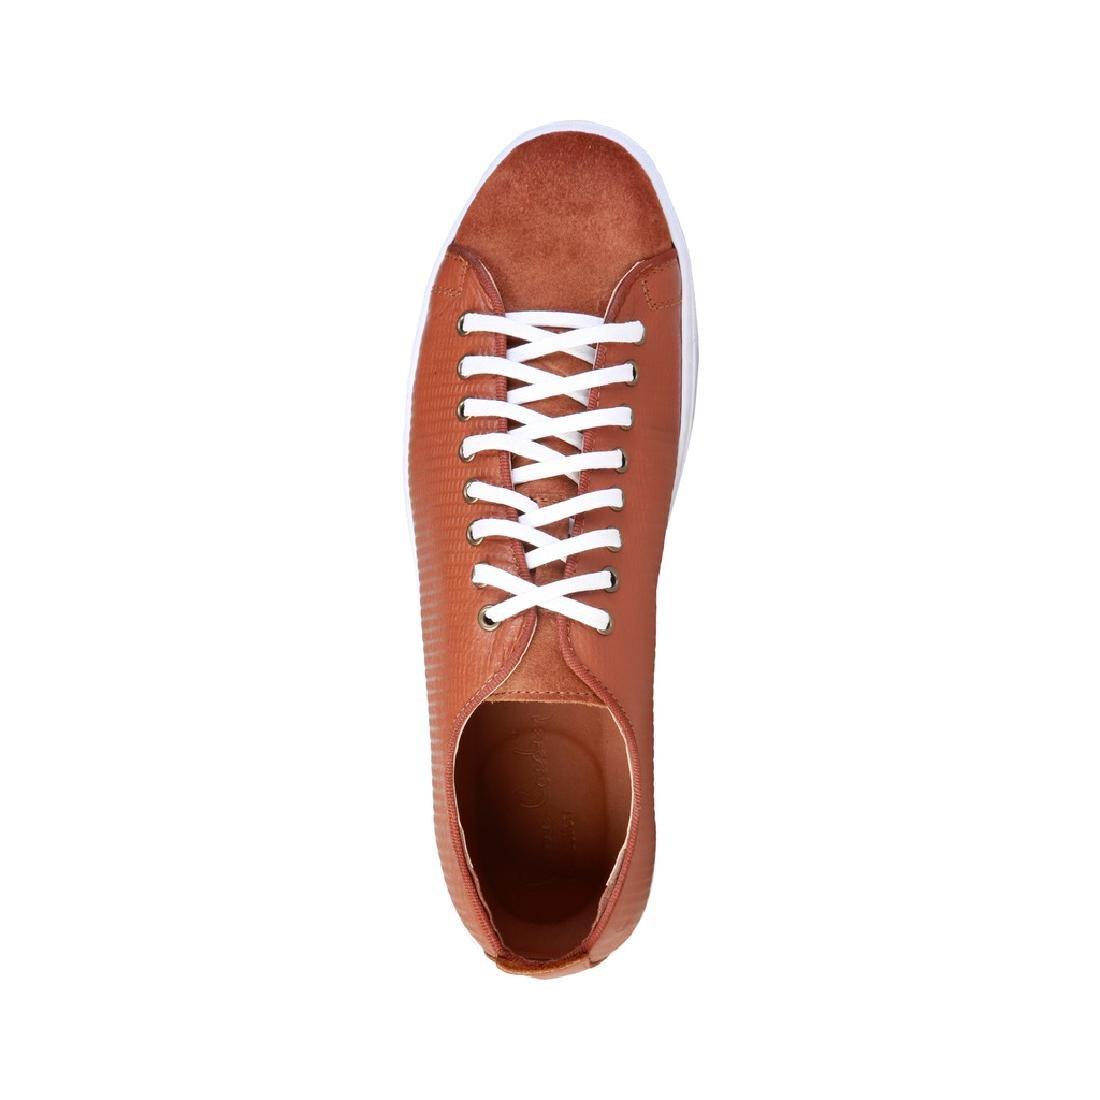 Men's Pierre Cardin Sneakers Shoes US 13 - 4